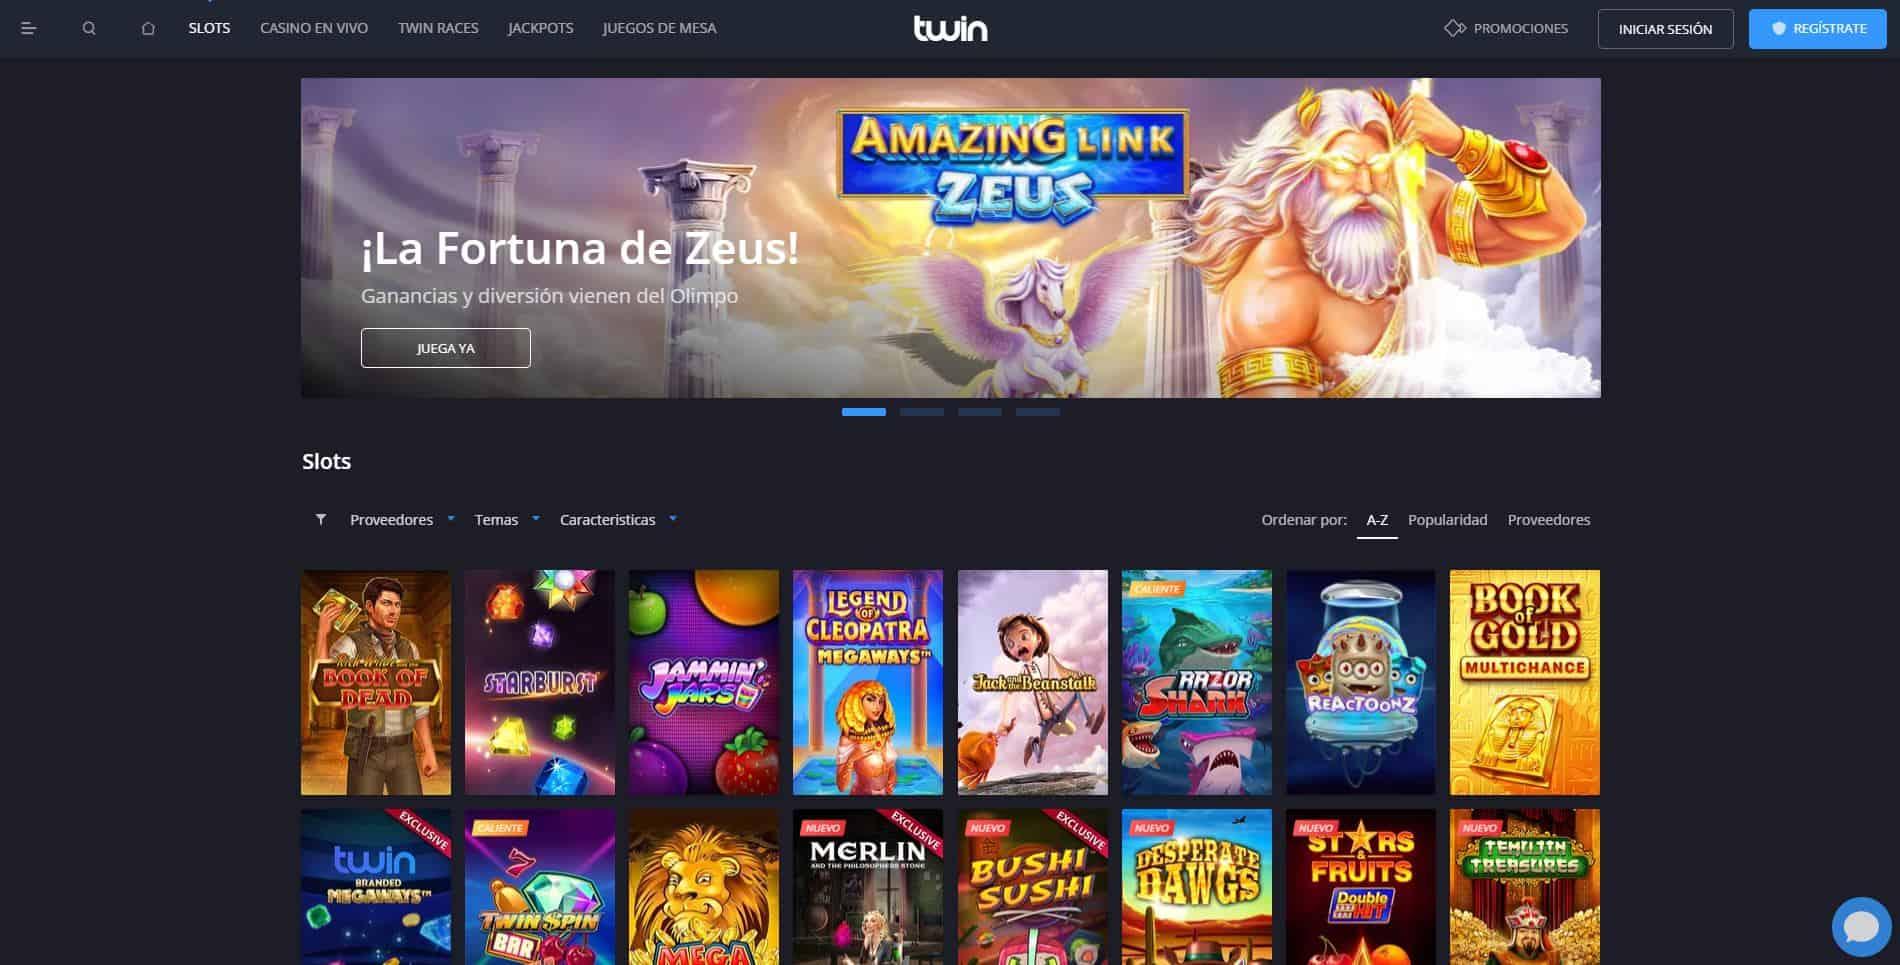 juegos de slot online en Twin